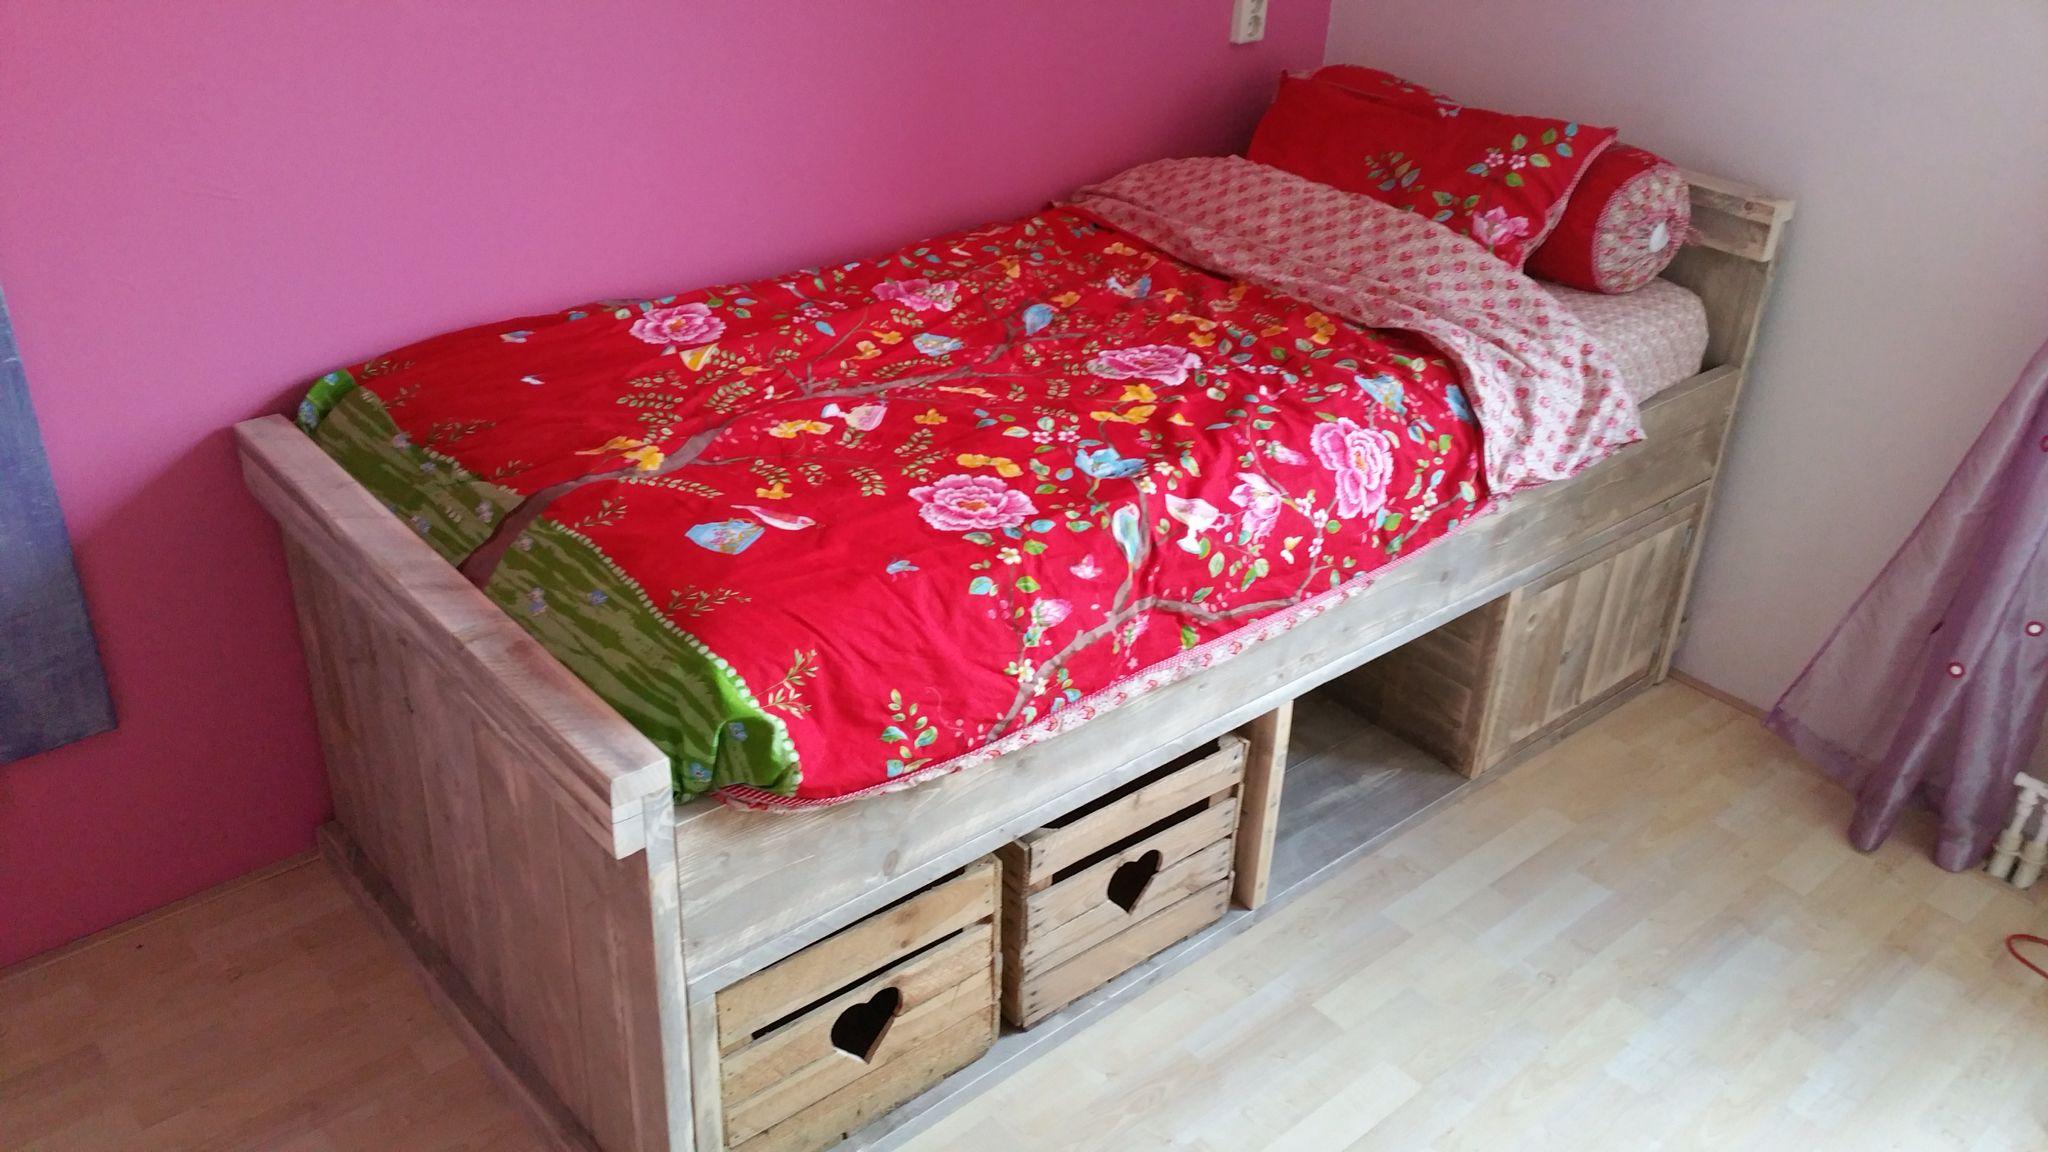 Slaapkamer Bankje Marktplaats : Tienerbed met opbergruimte femke slaapkamer idee